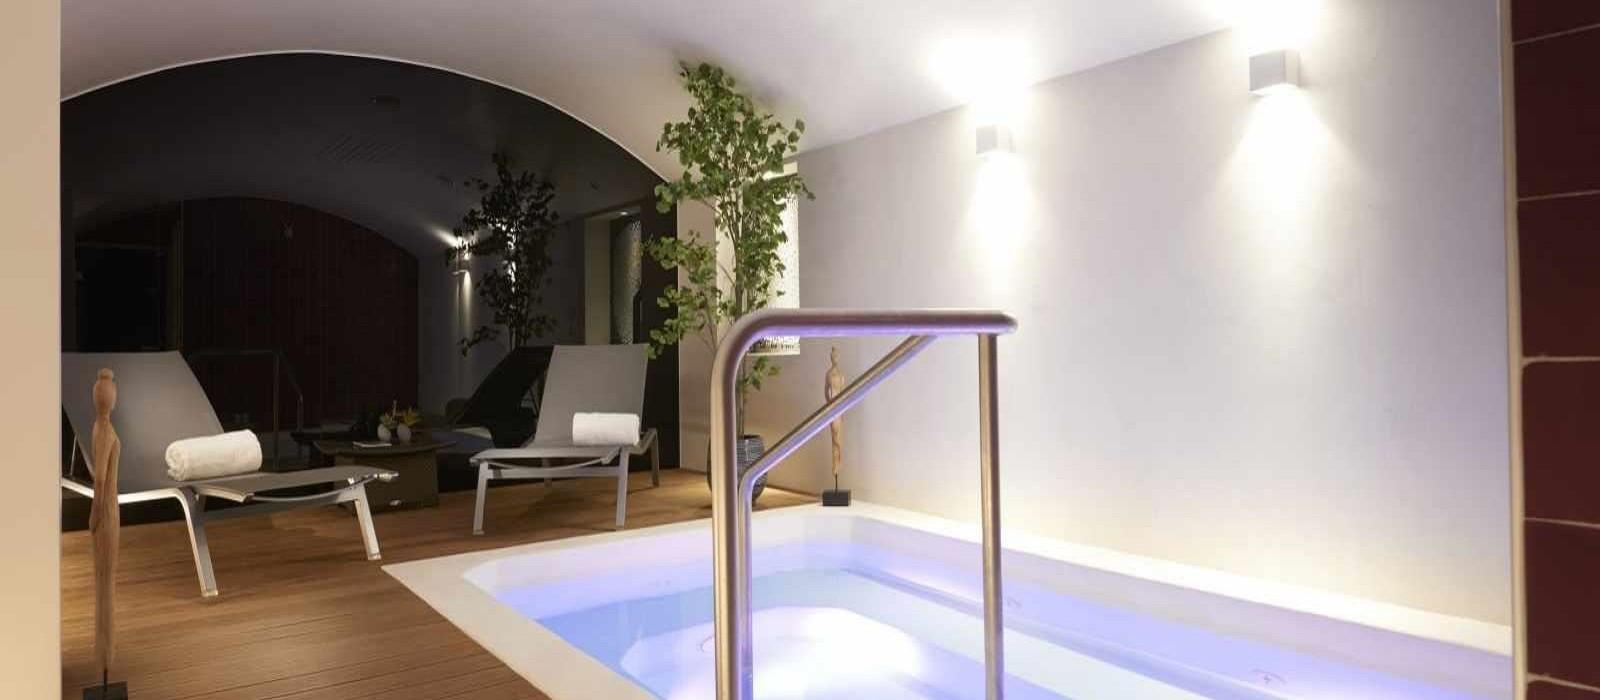 Hotel Le Mathurin – Hôtel & Spa Paris France